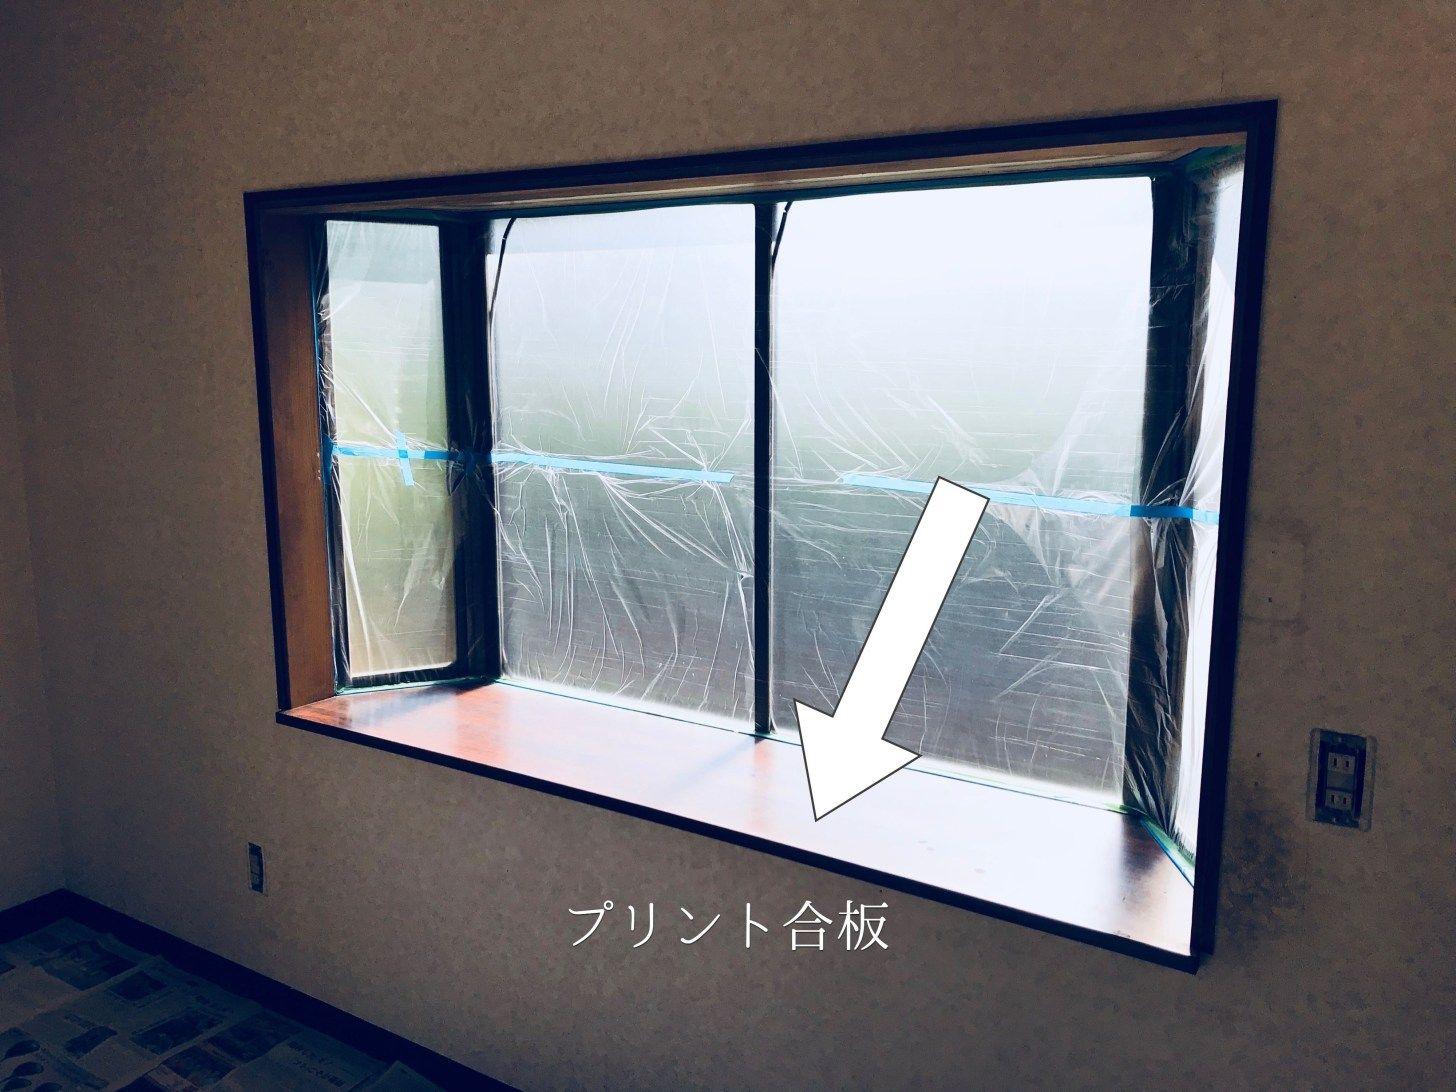 Diyで部屋の壁と天井にペンキを塗装する 初心者でも簡単 Vol 6 ペンキ 壁 コンセントカバー